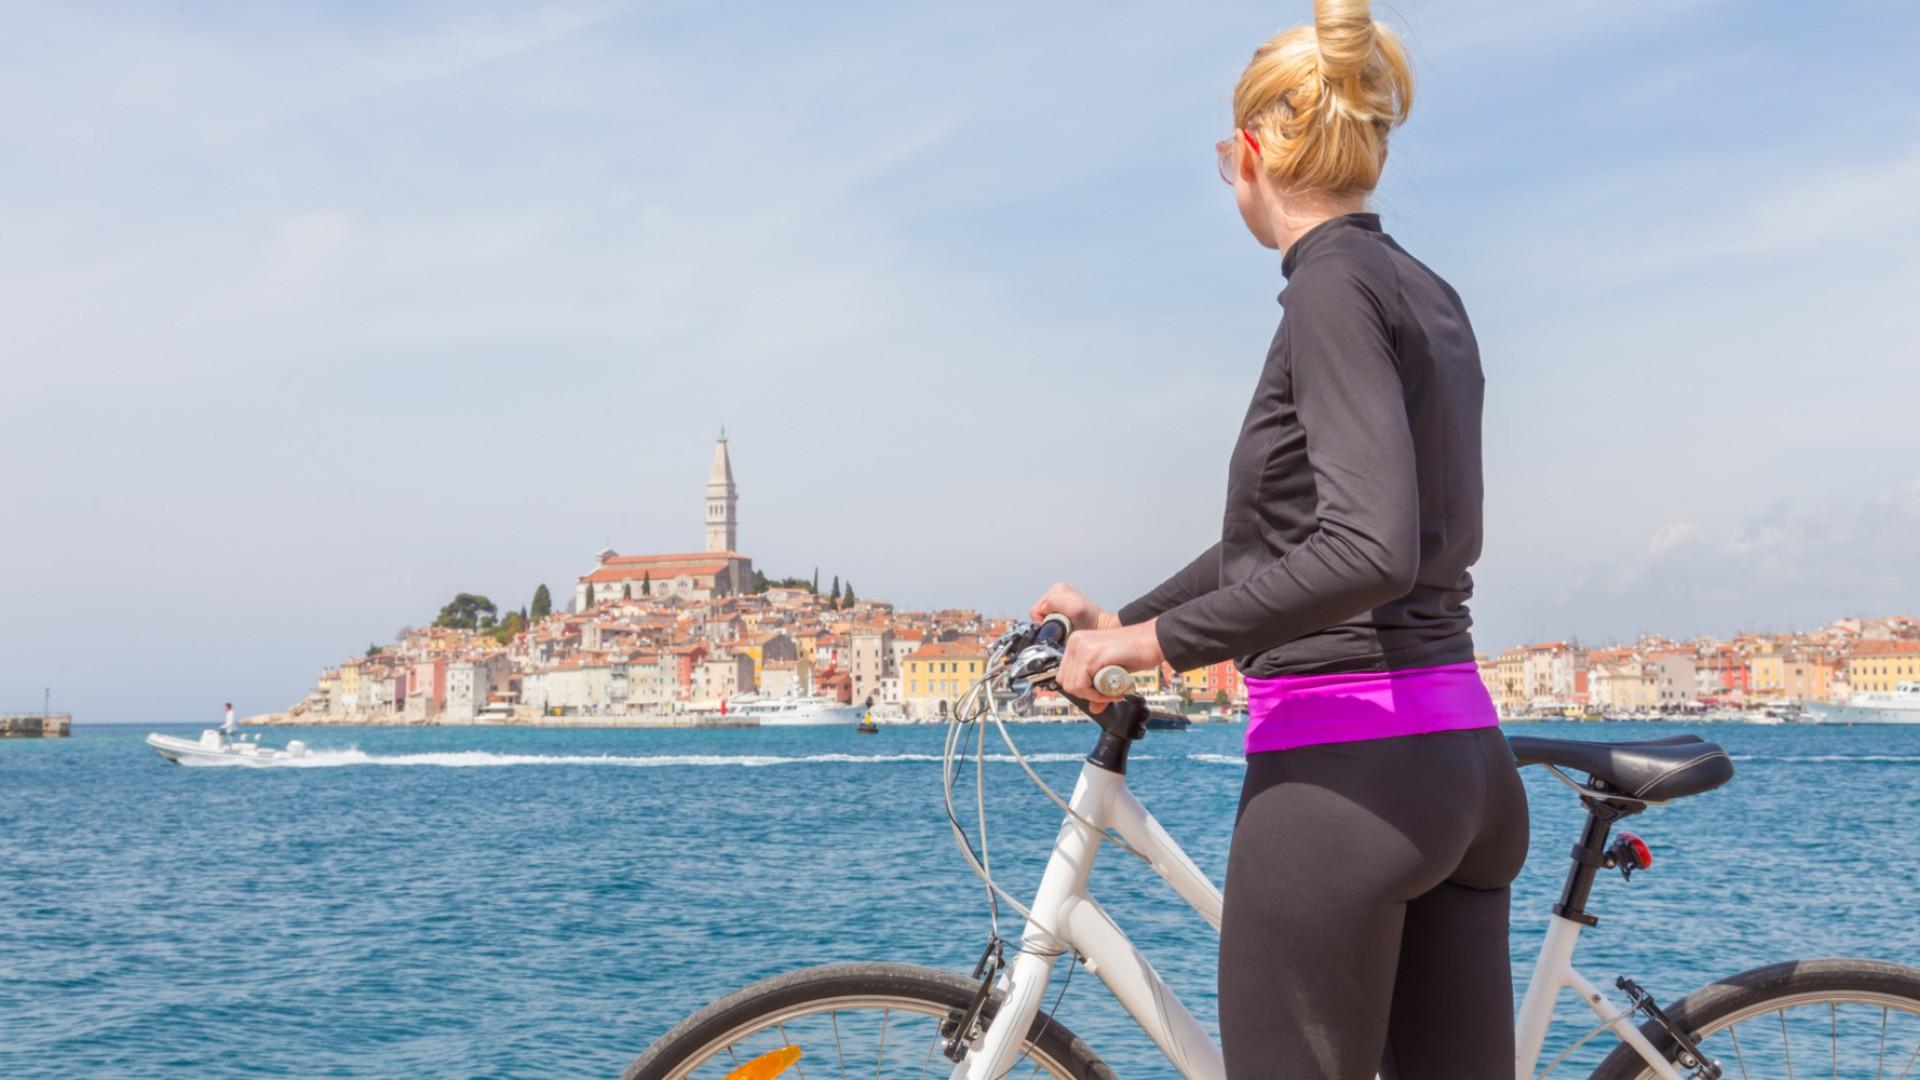 woman and bike in croatia